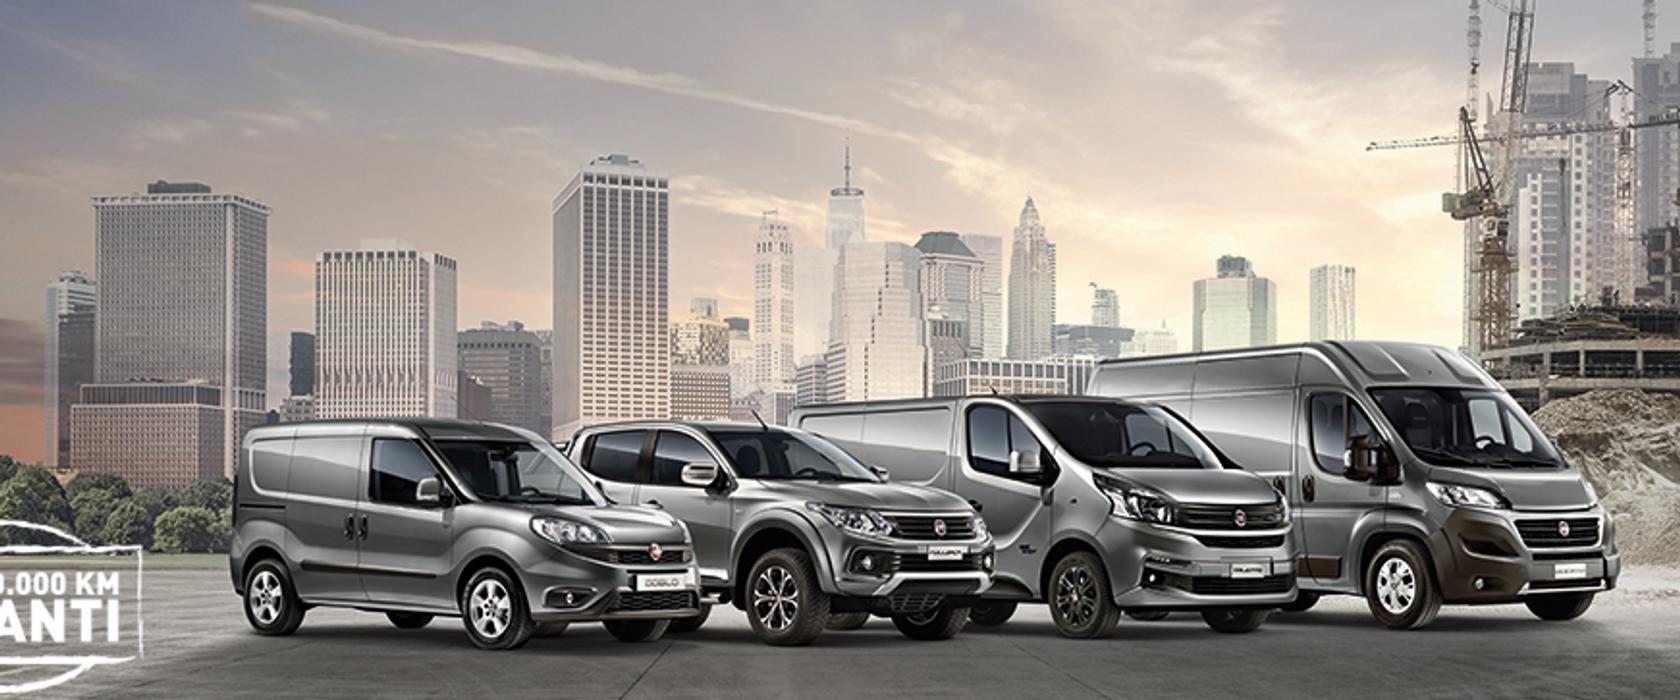 Illustrasjonsbilde av fire varebiler fra Fiat Professional